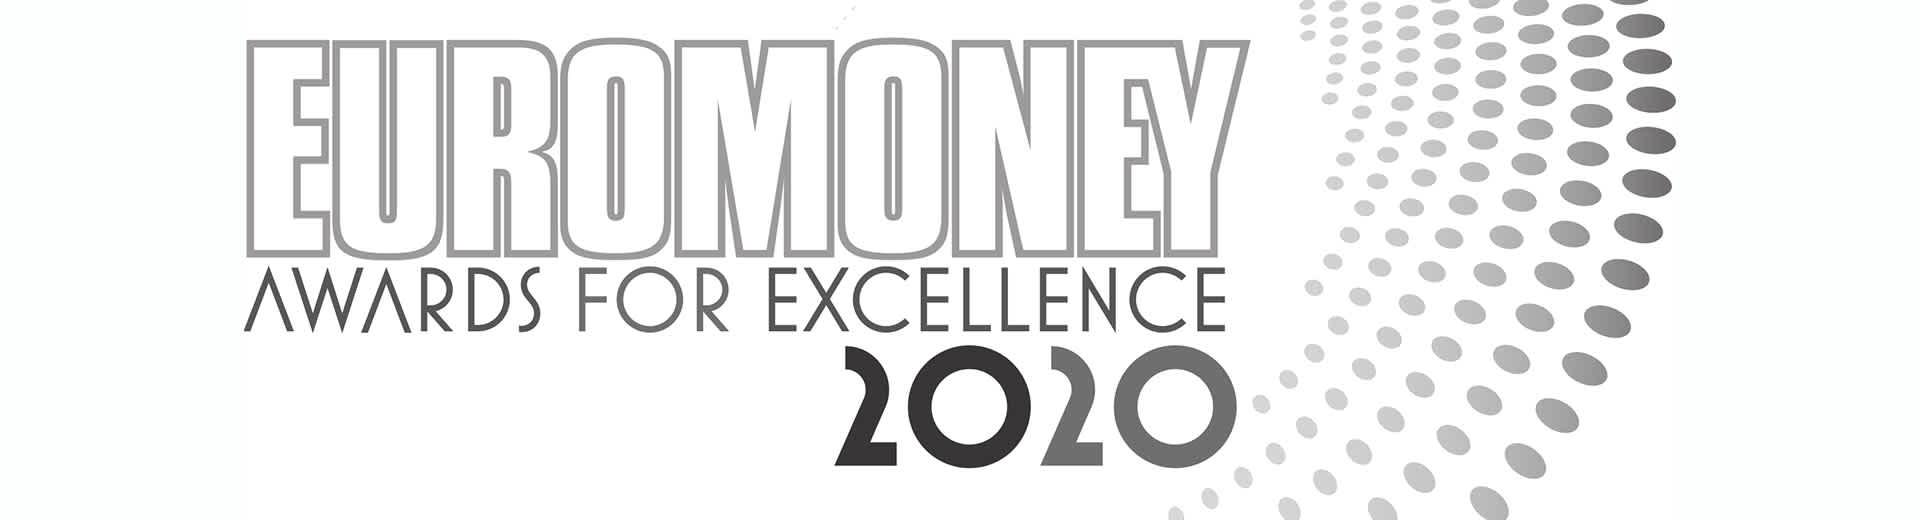 euromoney 2020